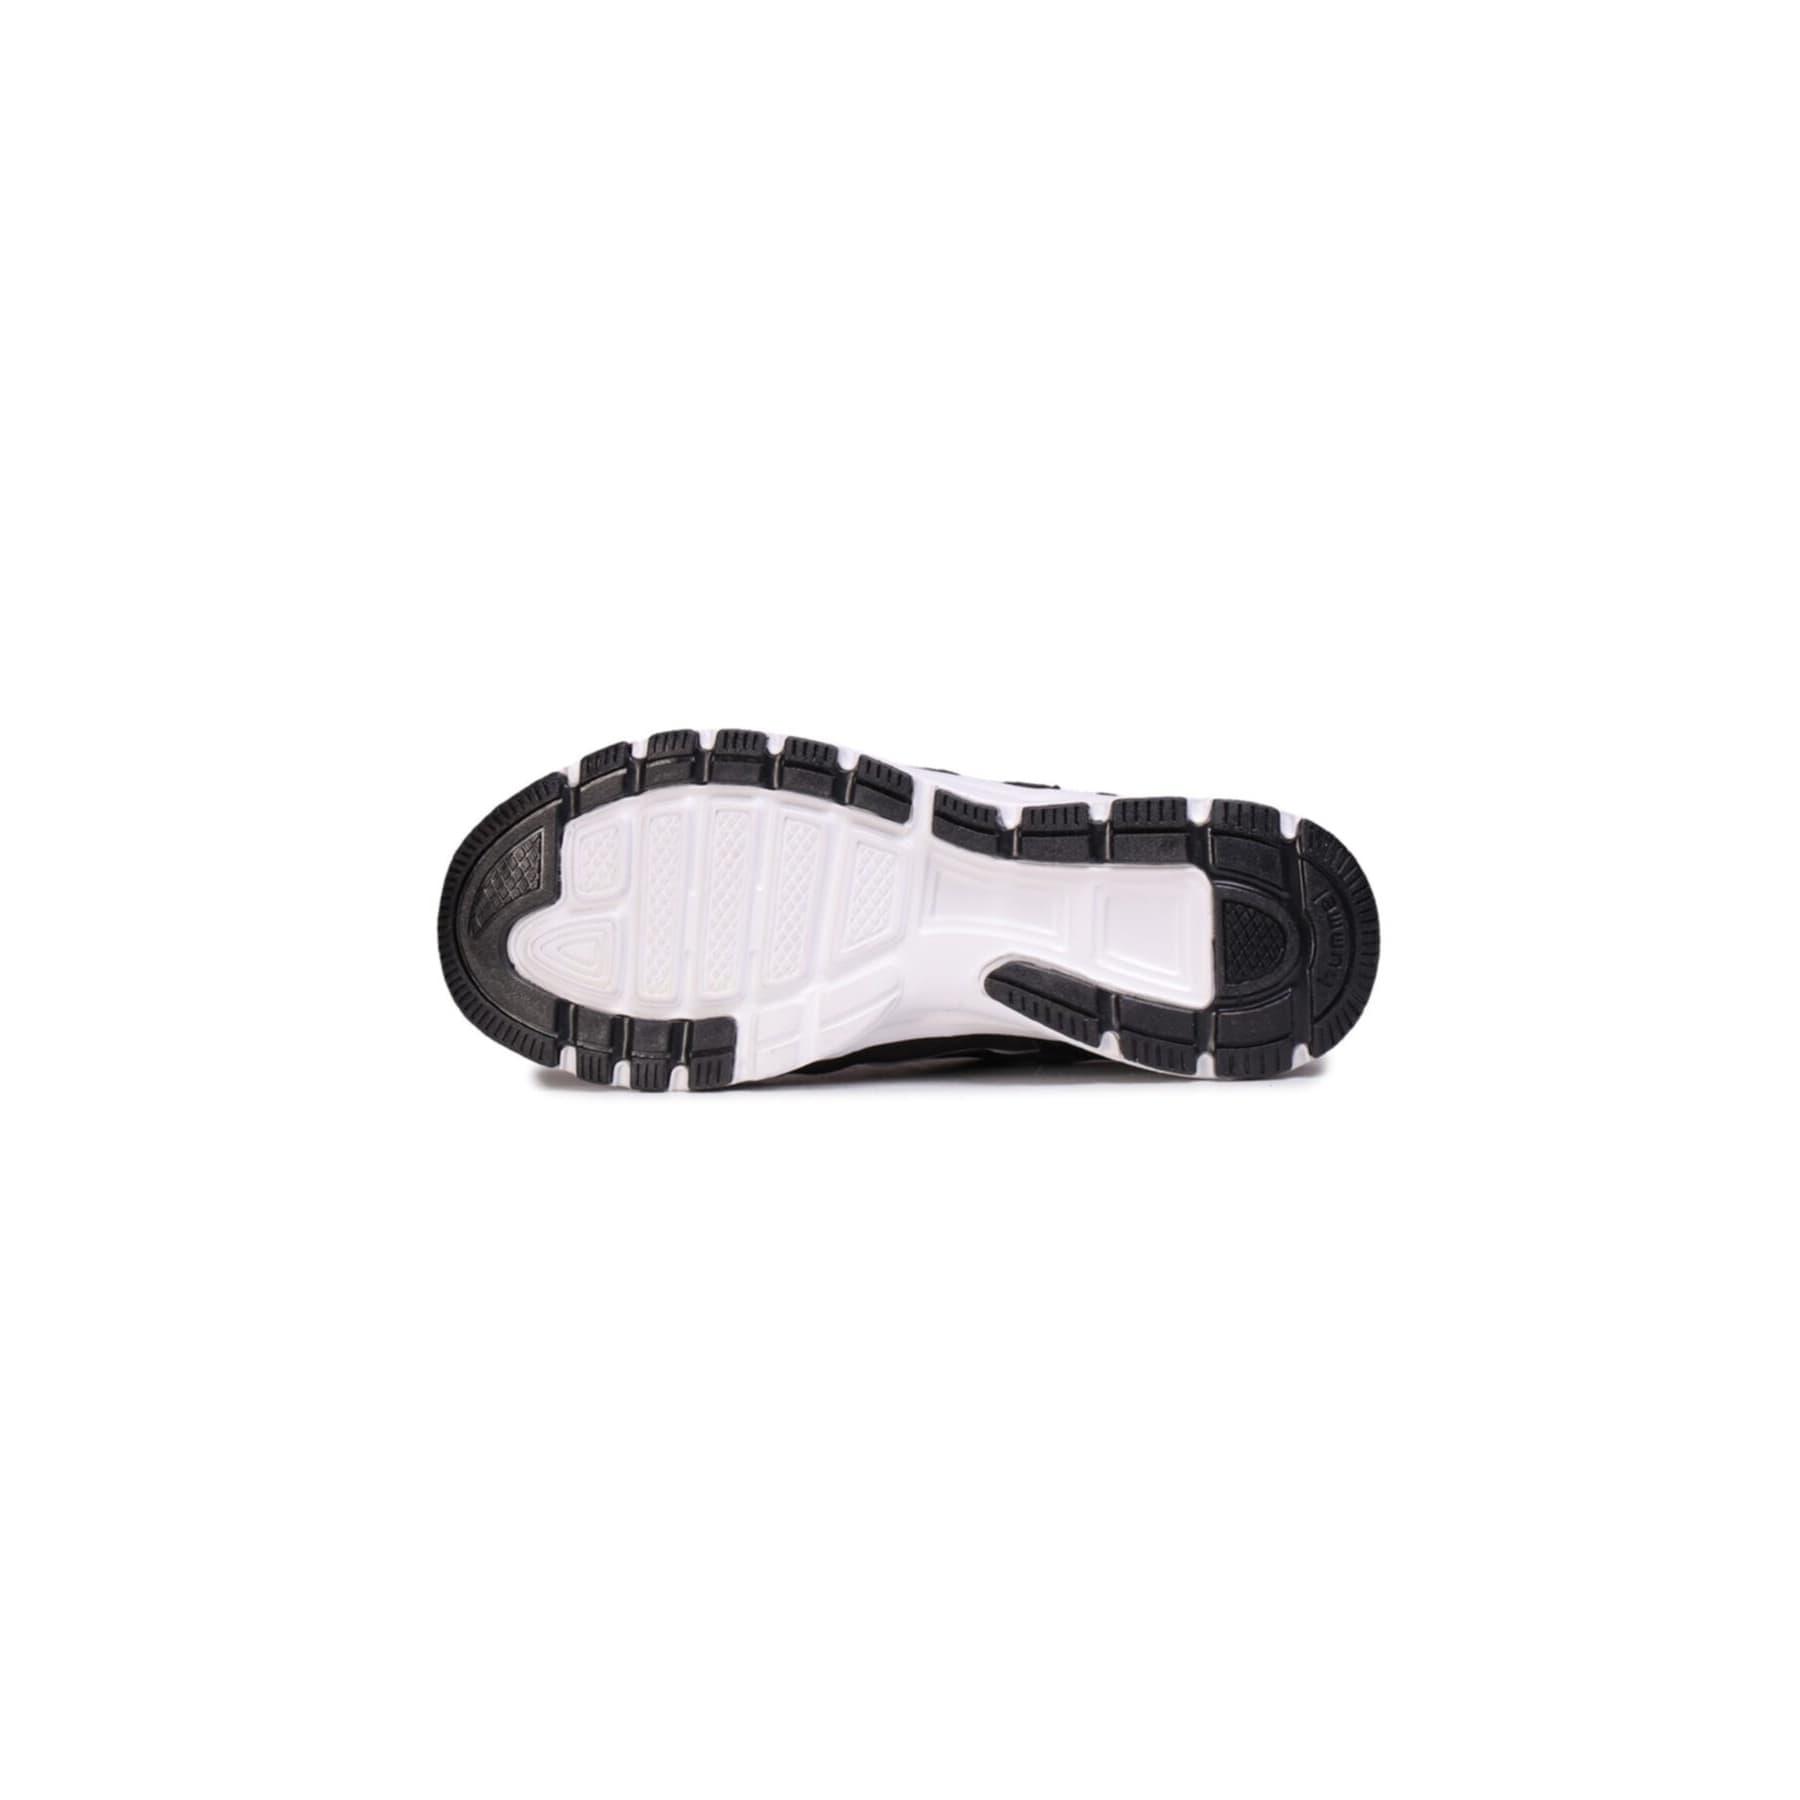 3S Gradient Kadın Siyah Sneaker Ayakkabı